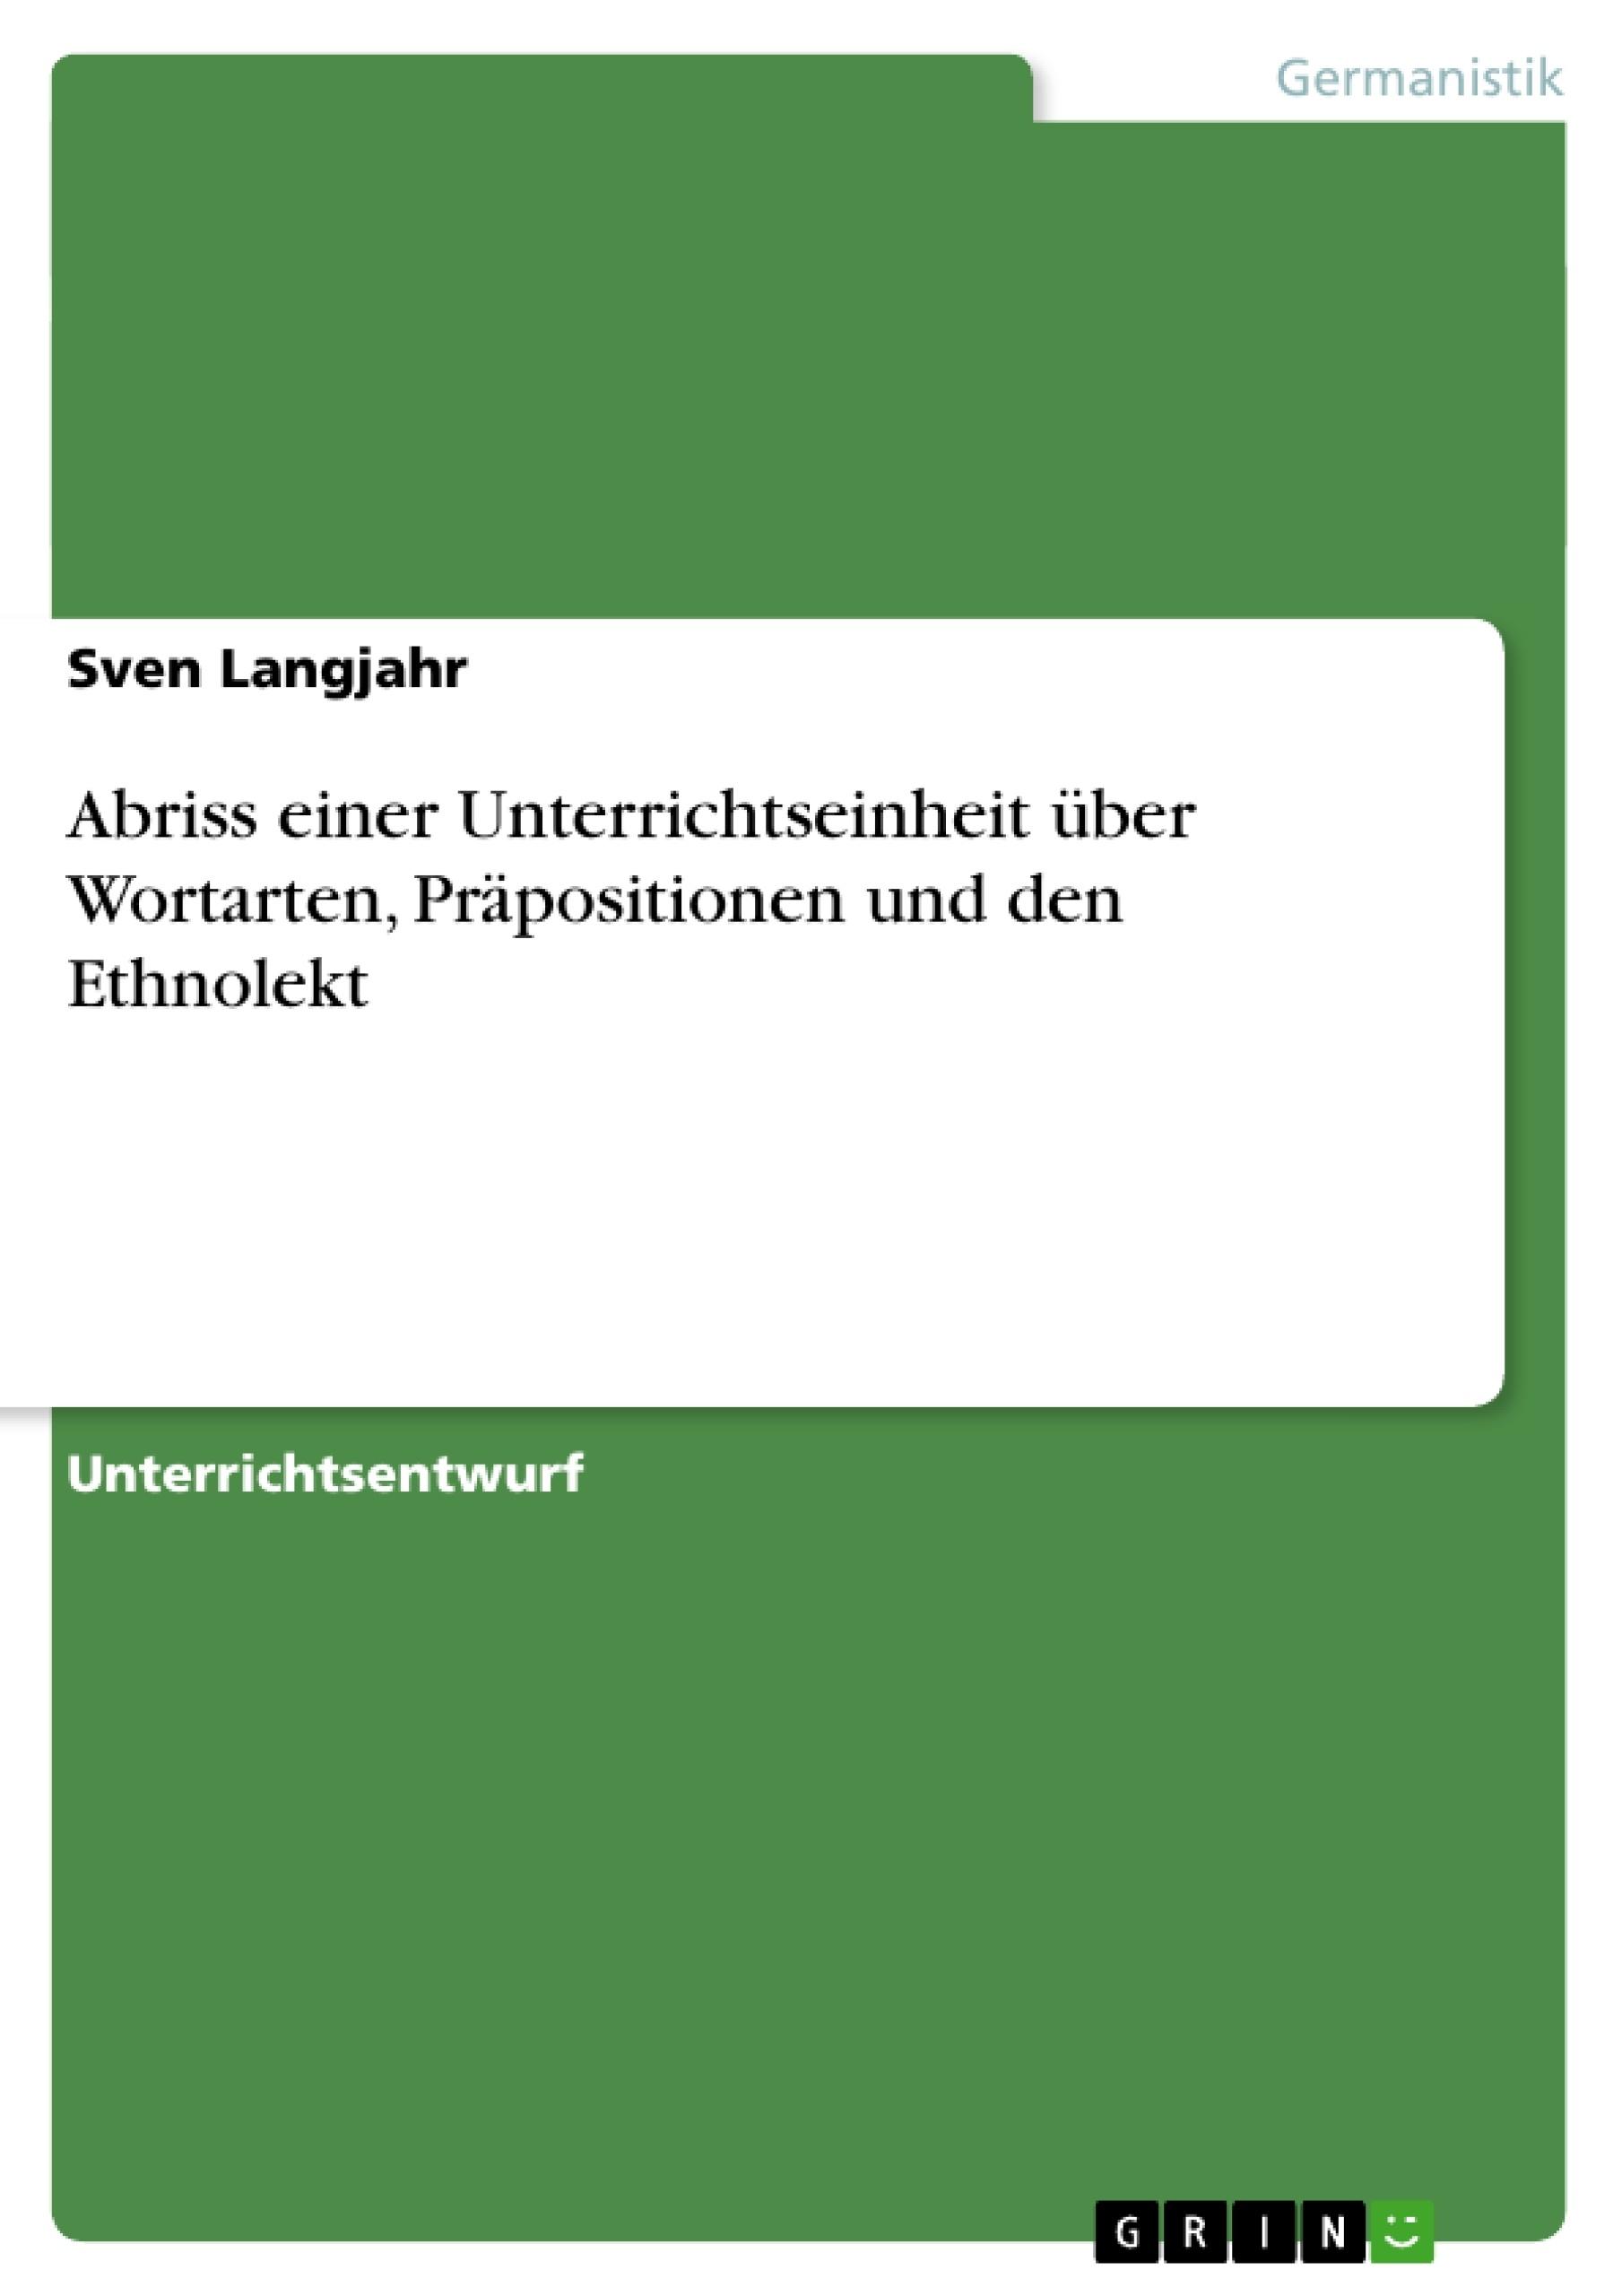 Titel: Abriss einer Unterrichtseinheit über Wortarten, Präpositionen und den Ethnolekt